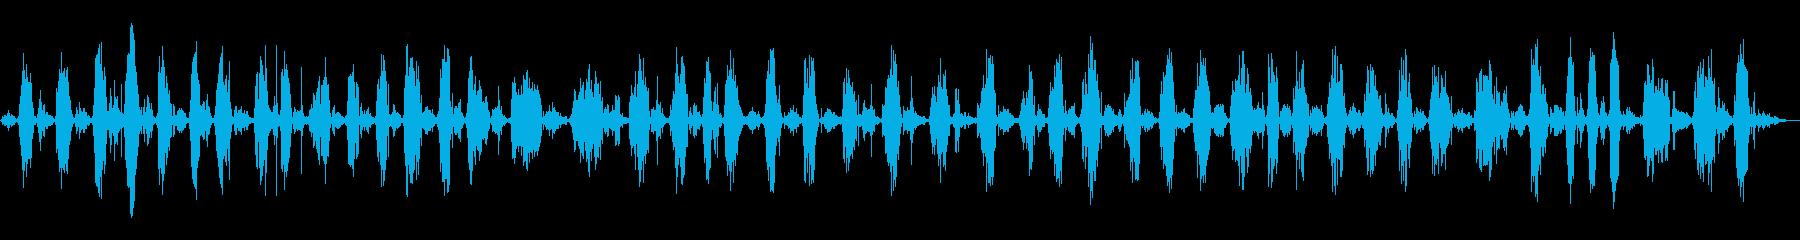 スイープバックとフォースクリーニングの再生済みの波形